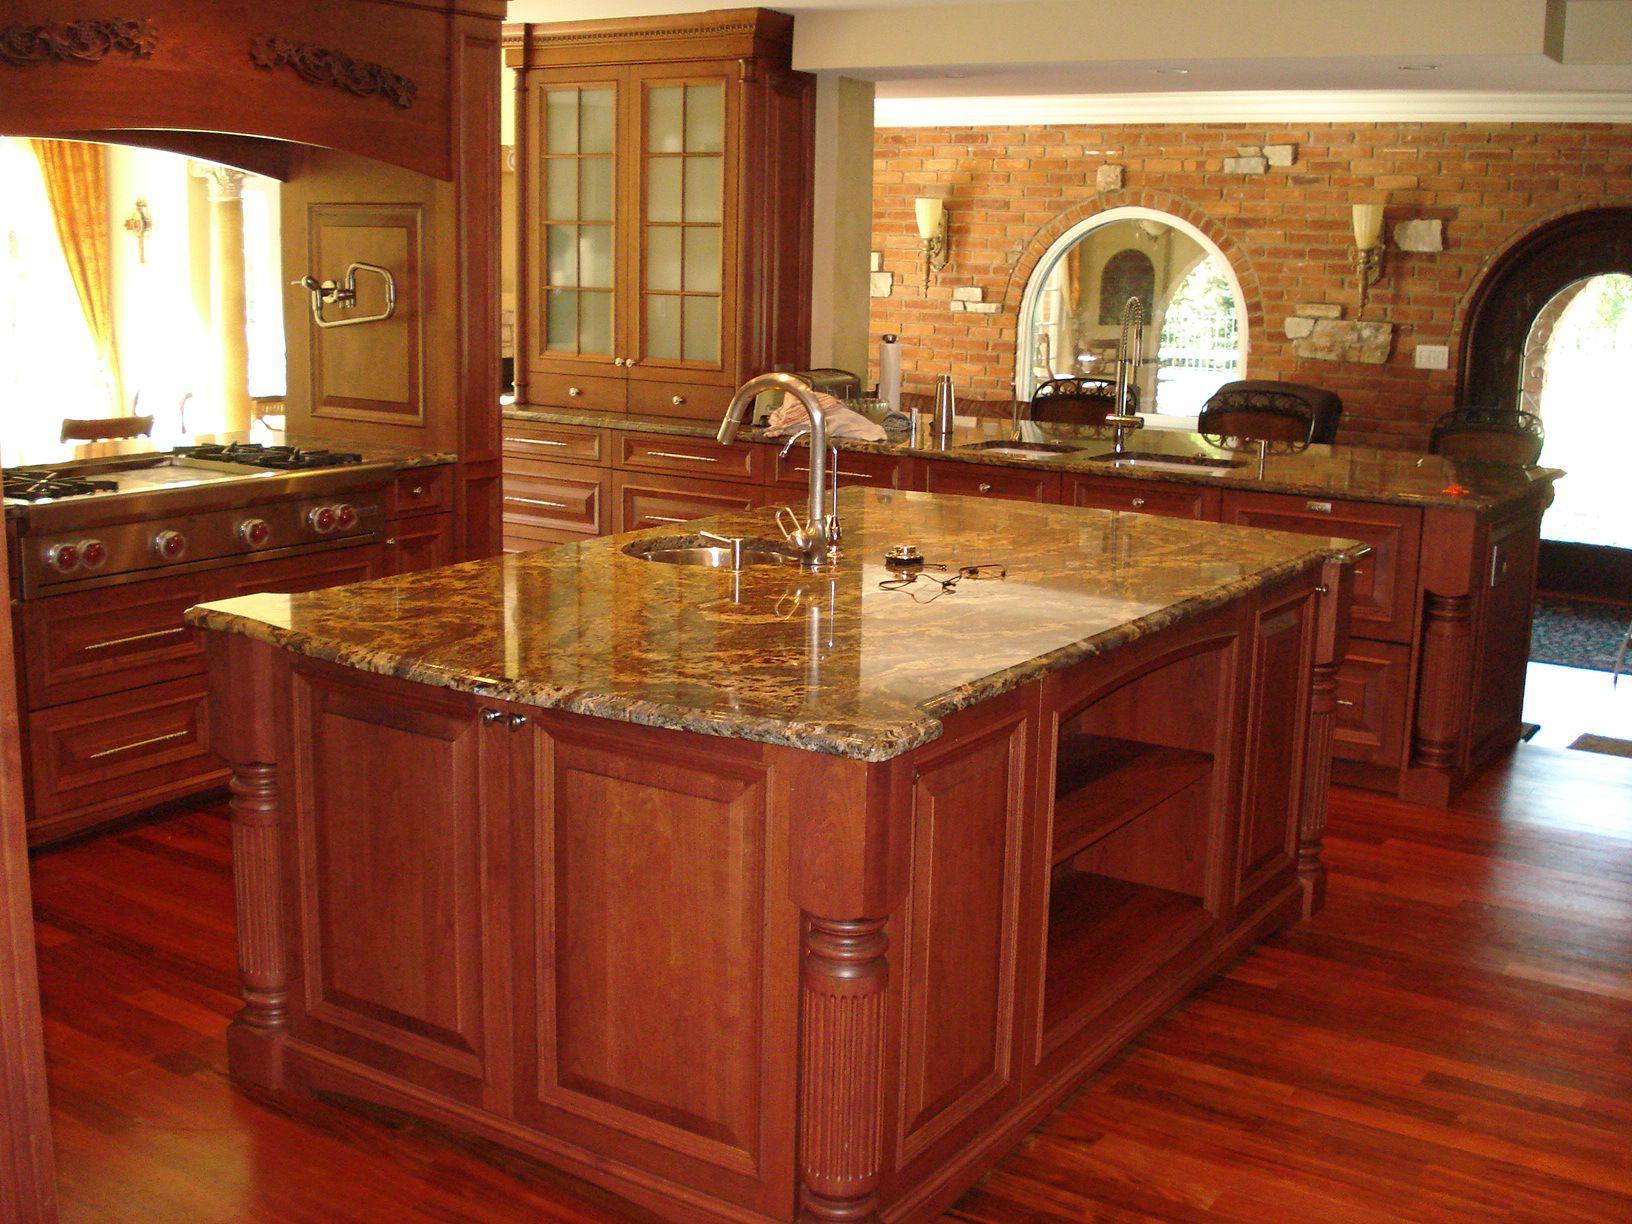 Las ventajas de usar encimeras de mármol para tu cocina son: - Las ...